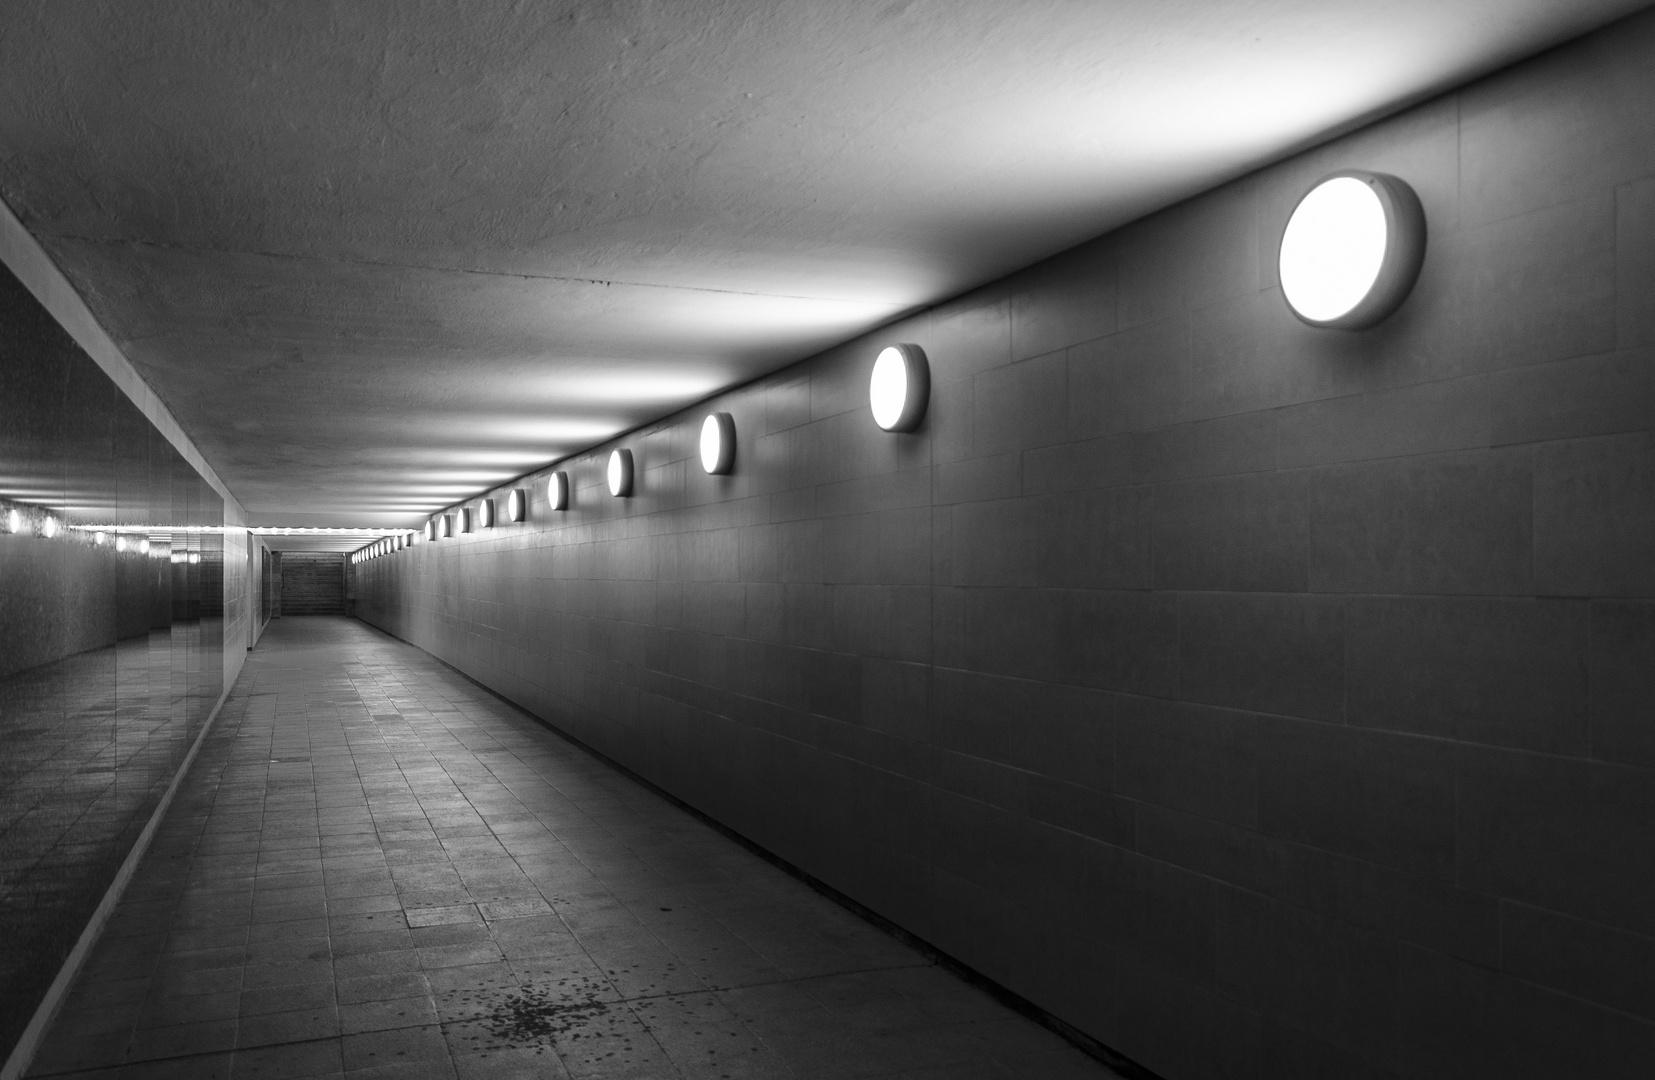 Siegessäule Tunnel